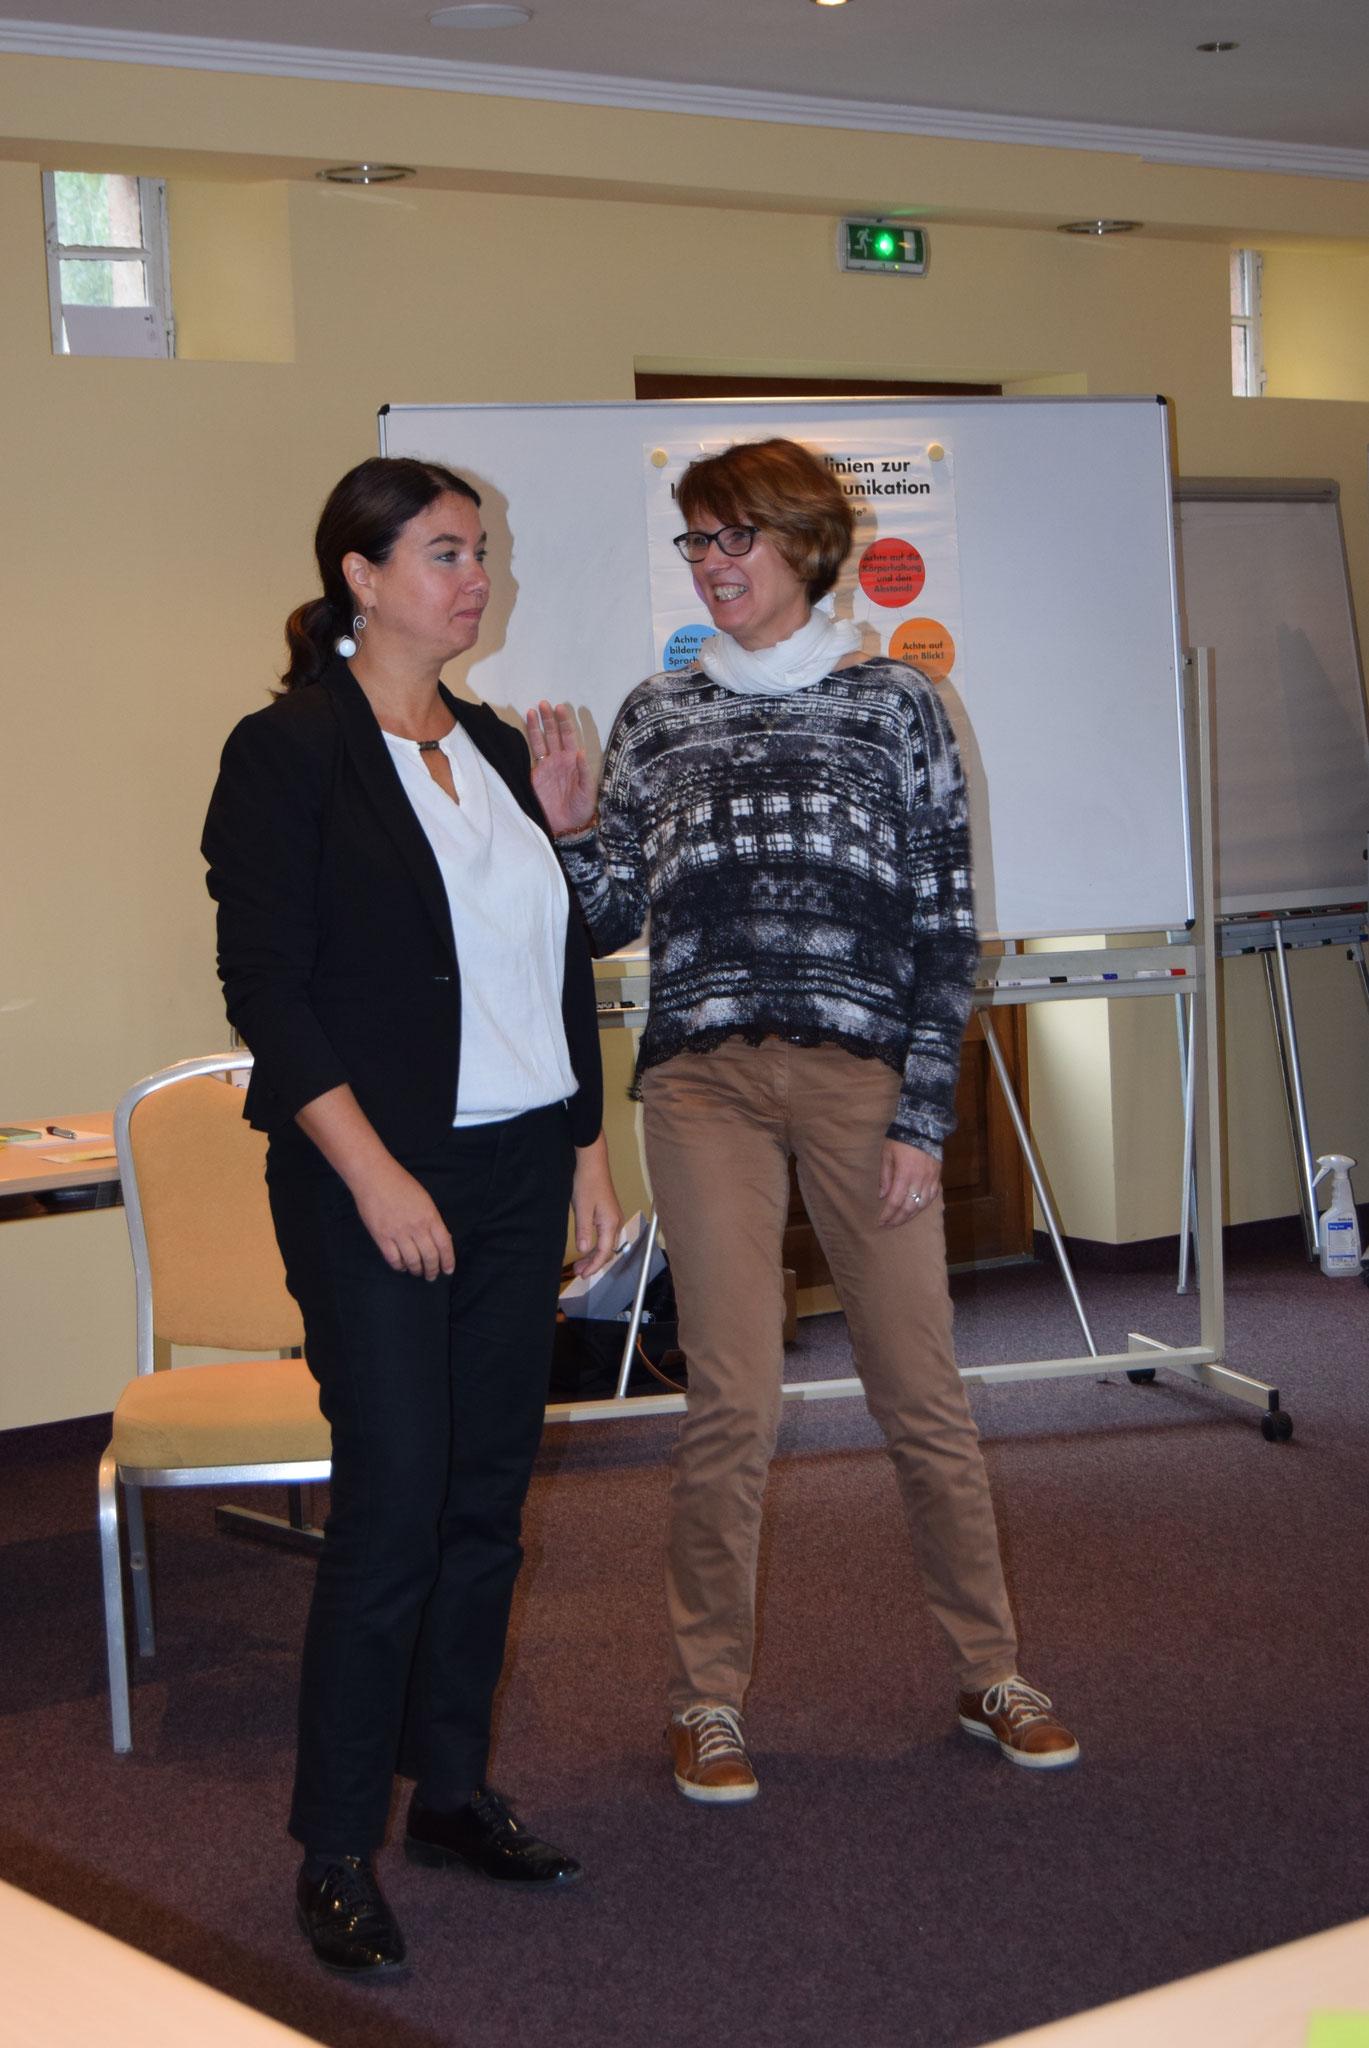 10-16 Referentin Stefanie Wally und Teilnehmerin